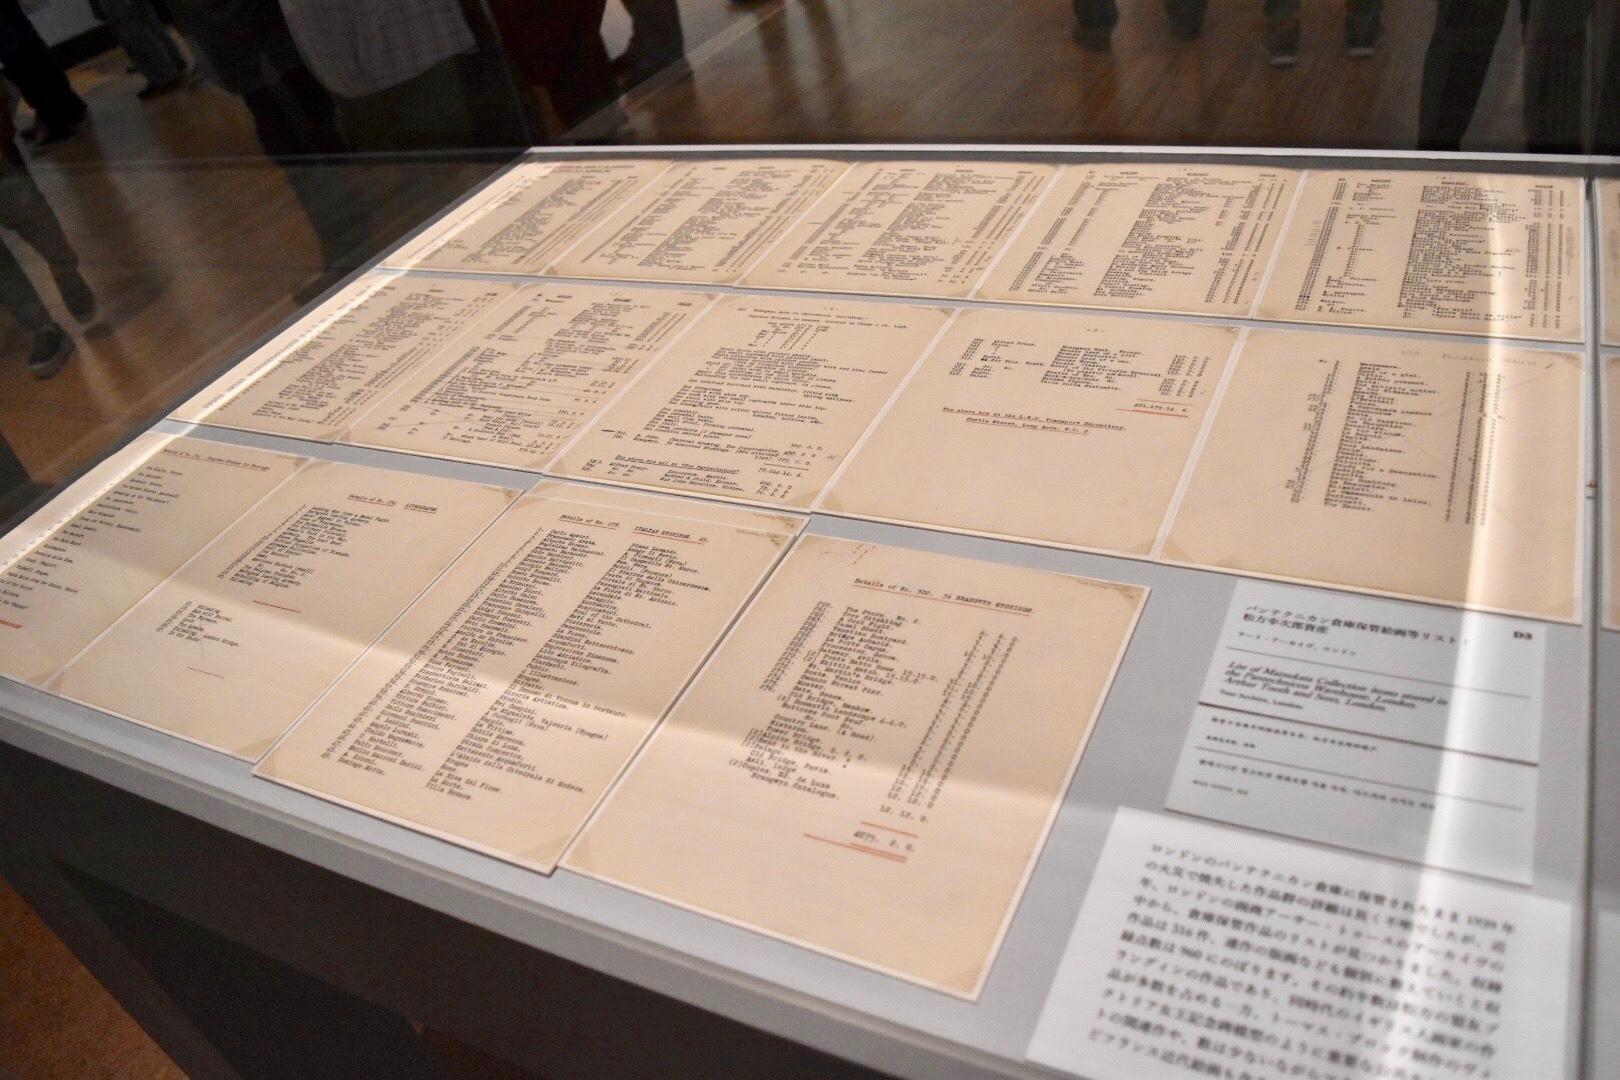 パンテクニカン倉庫保管絵画等リスト:松方幸次郎資産 テート・アーカイヴ蔵